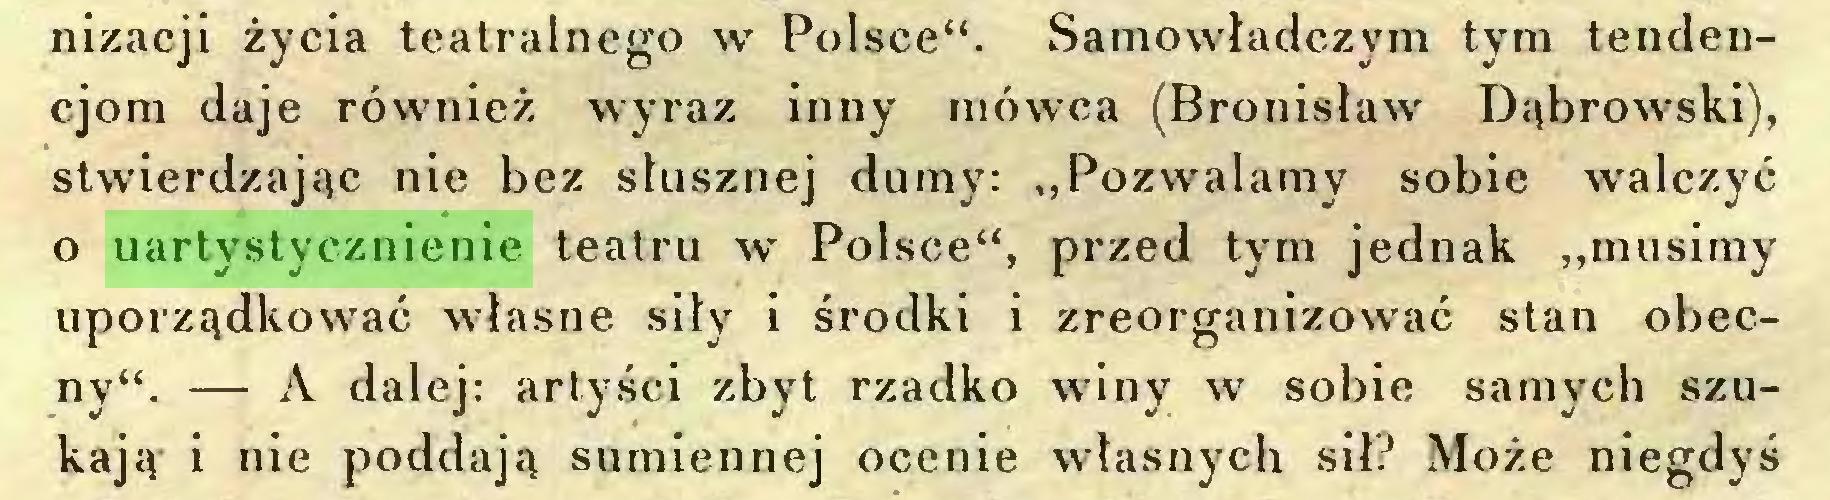 """(...) nizacji życia teatralnego w Polsce"""". Samowładczym tym tendencjom daje również wyraz inny mówca (Bronisław Dąbrowski), stwierdzając nie bez słusznej dumy: """"Pozwalamy sobie walczyć o uartystycznienie teatru w Polsce"""", przed tym jednak """"musimy uporządkować własne siły i środki i zreorganizować stan obecny"""". — A dalej: artyści zbyt rzadko winy w sobie samych szukają i nie poddają sumiennej ocenie własnych sił? Może niegdyś..."""